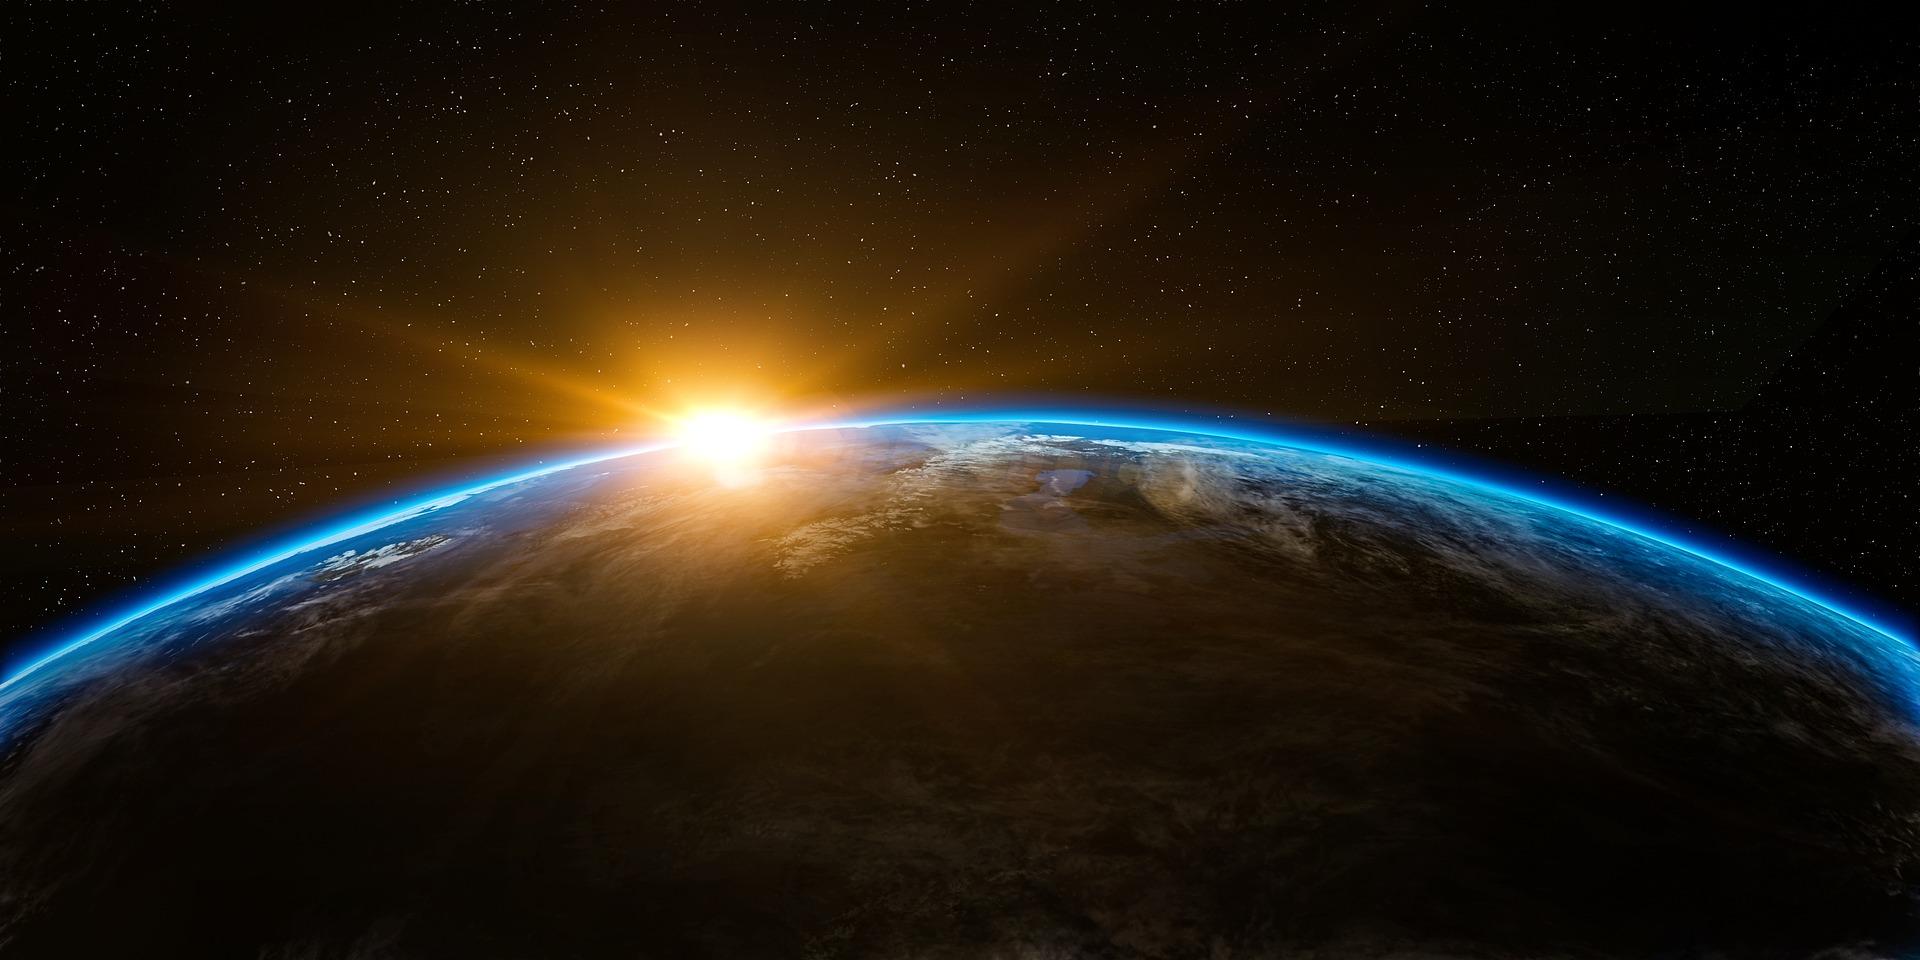 Teória o plochej Zemi získava priaznivcov pomocou YouTube